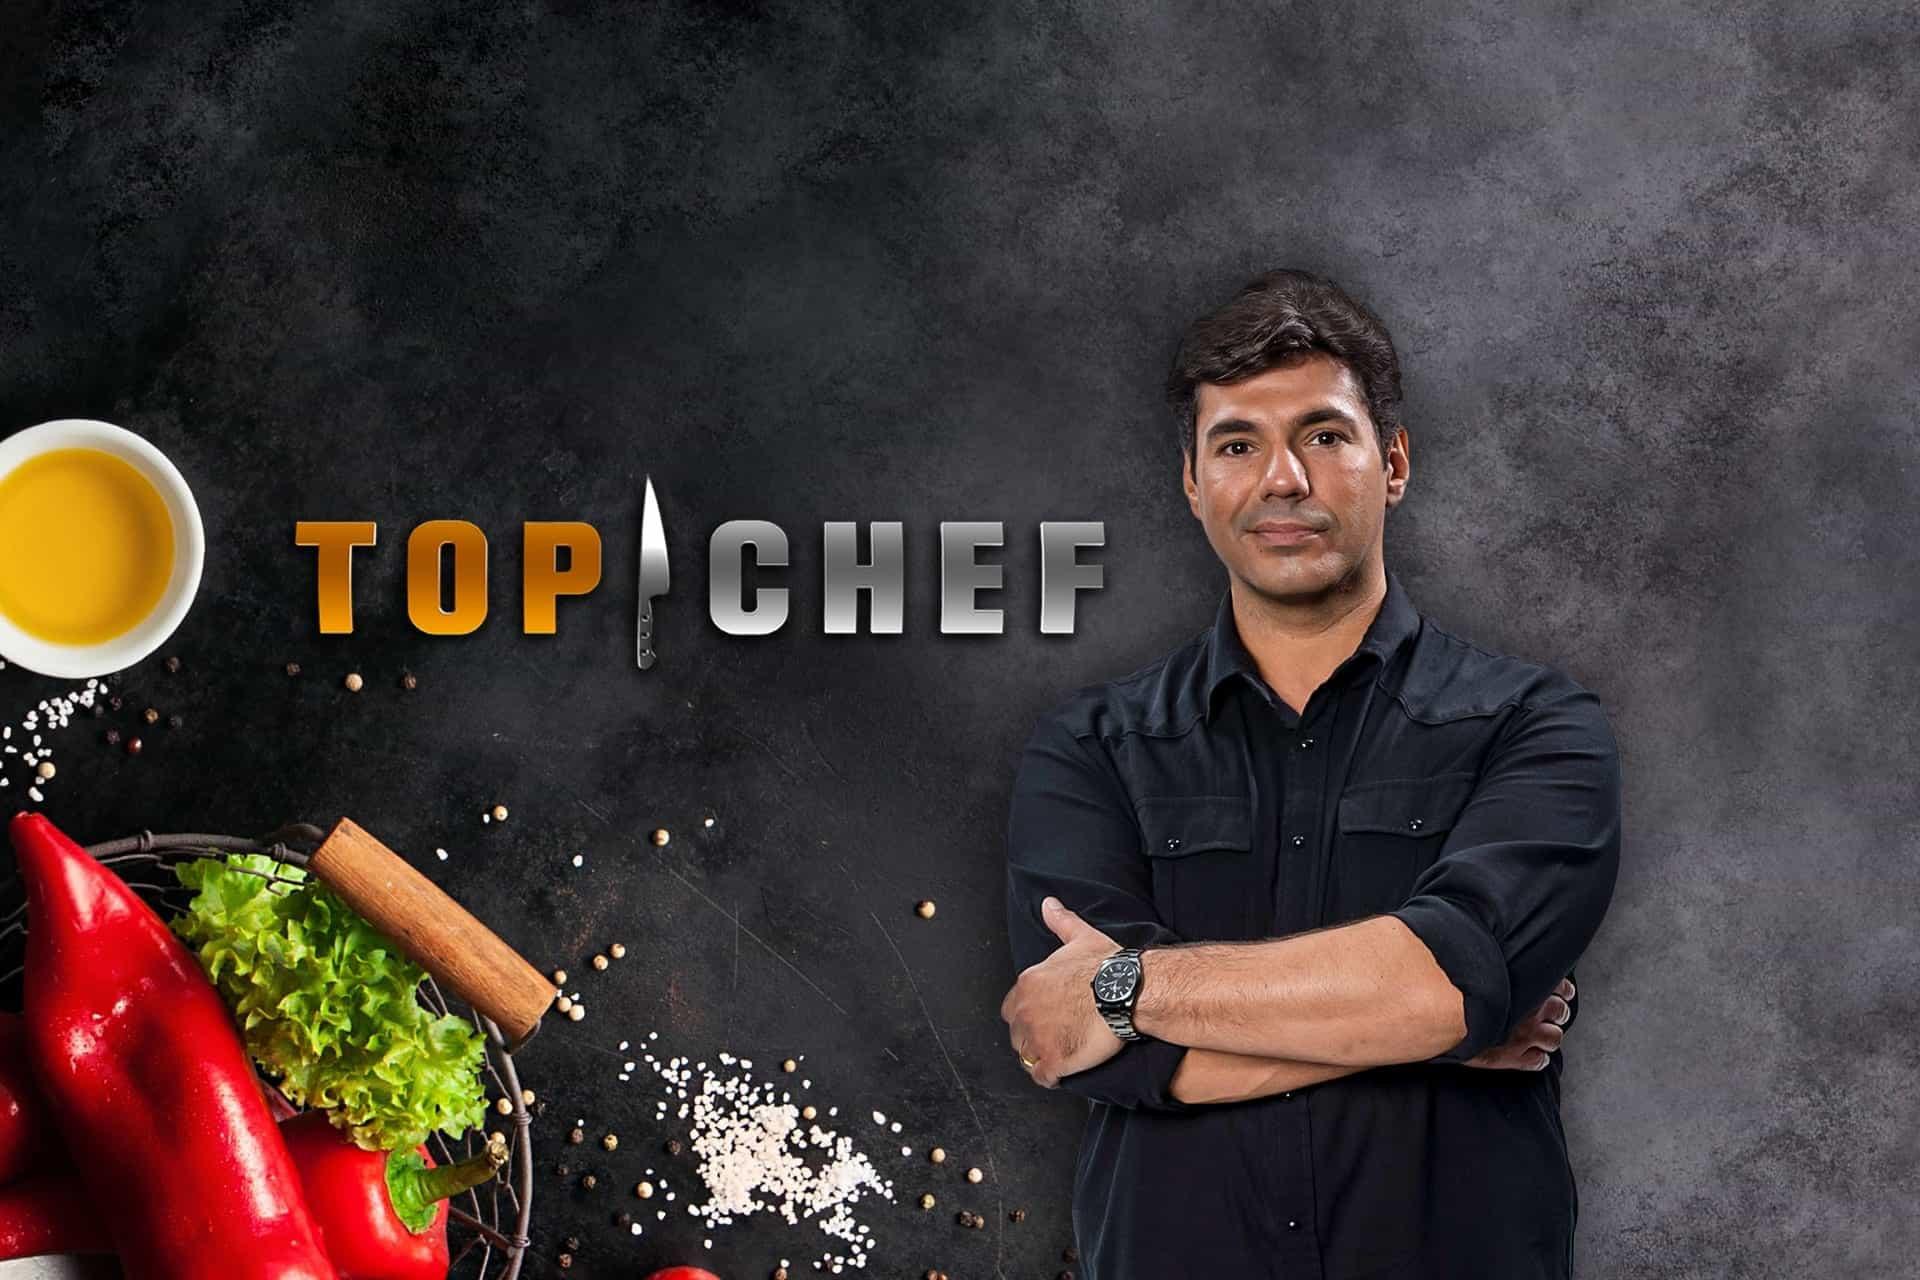 'Top Chef' estreia em baixa na Record e decepciona na audiência